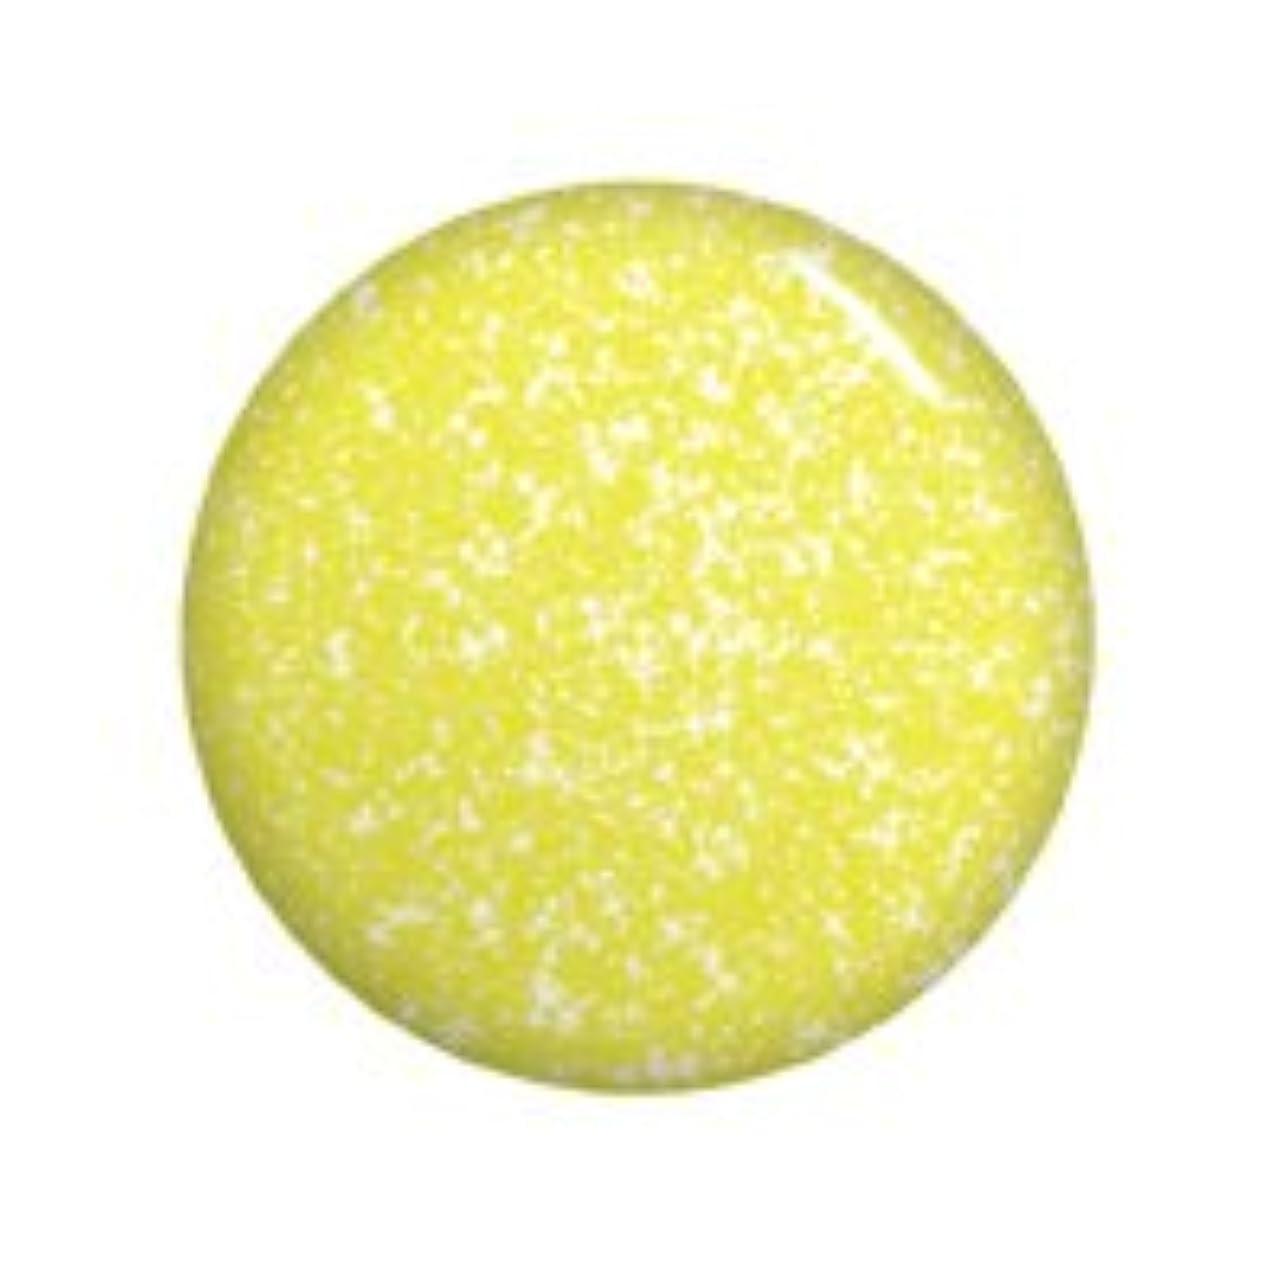 薄いです理解する提案するGelgraph(ジェルグラフ) カラージェル 5g レモンシャーベット 019GP